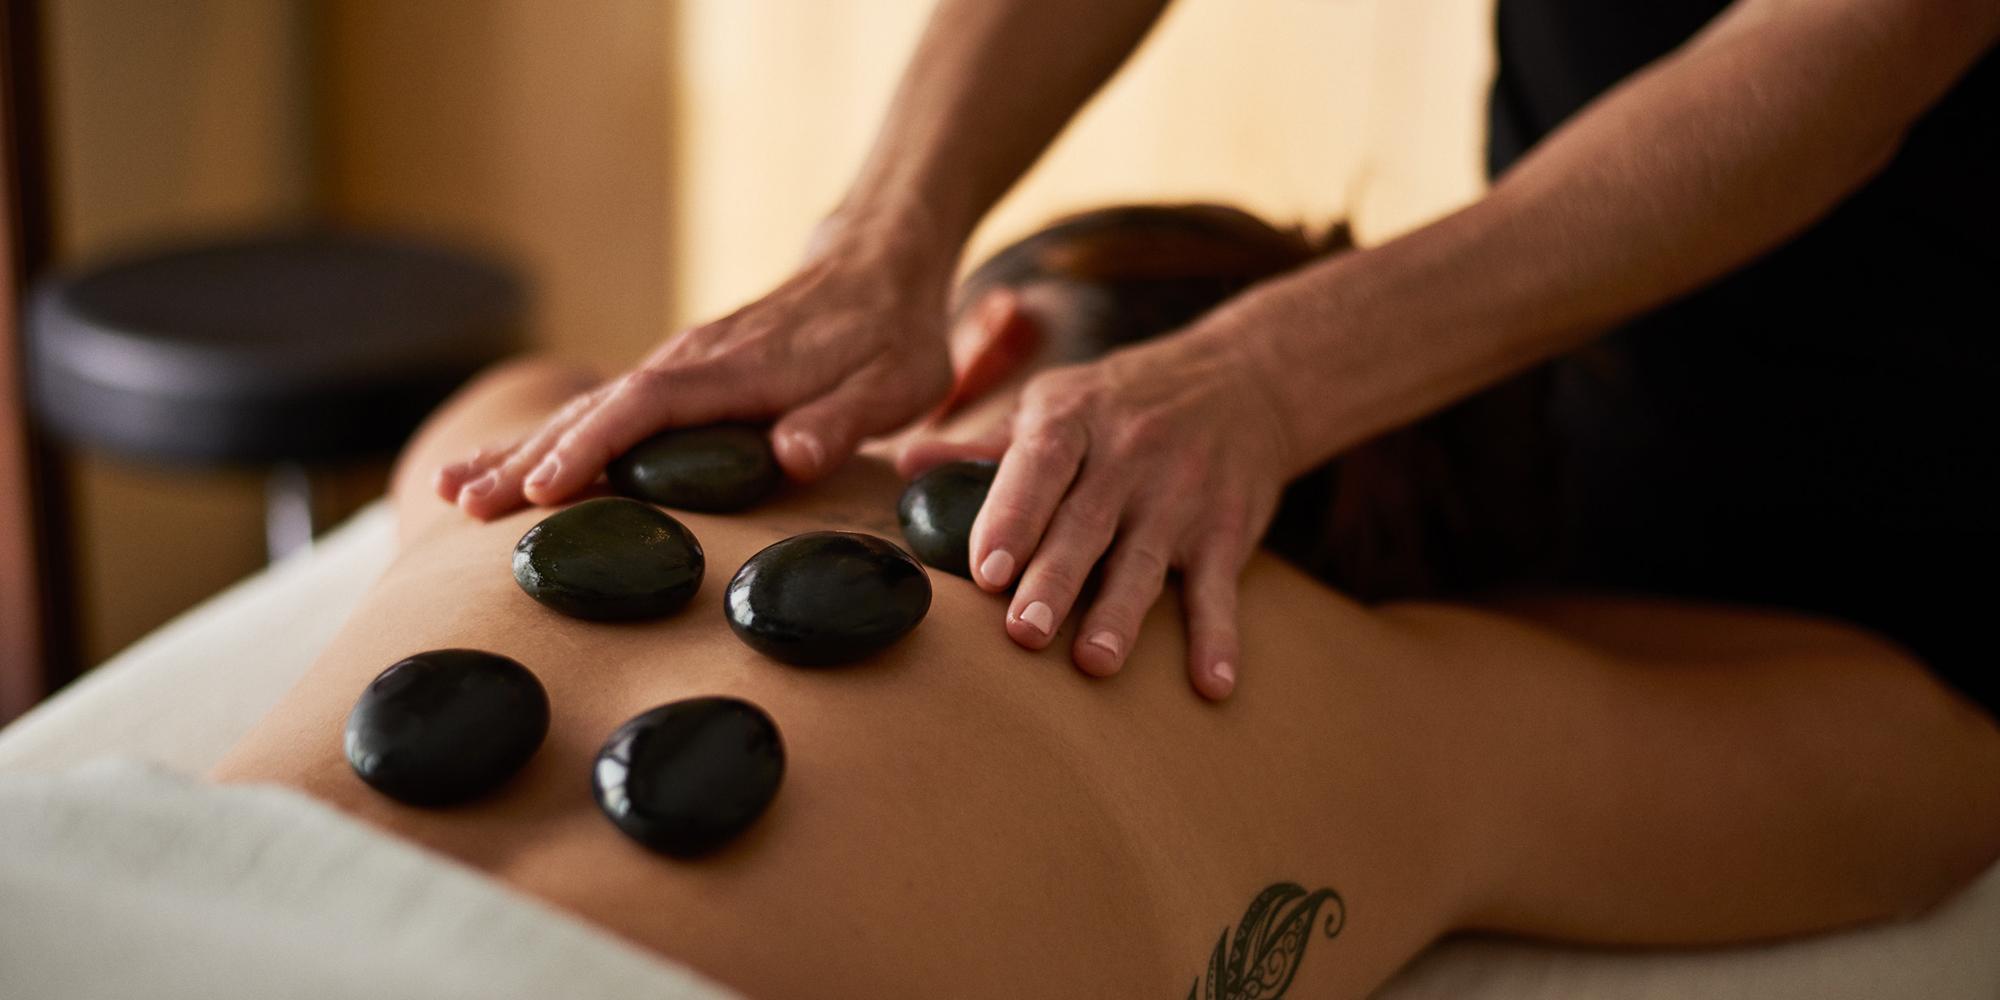 dịch vụ massage tại hcm